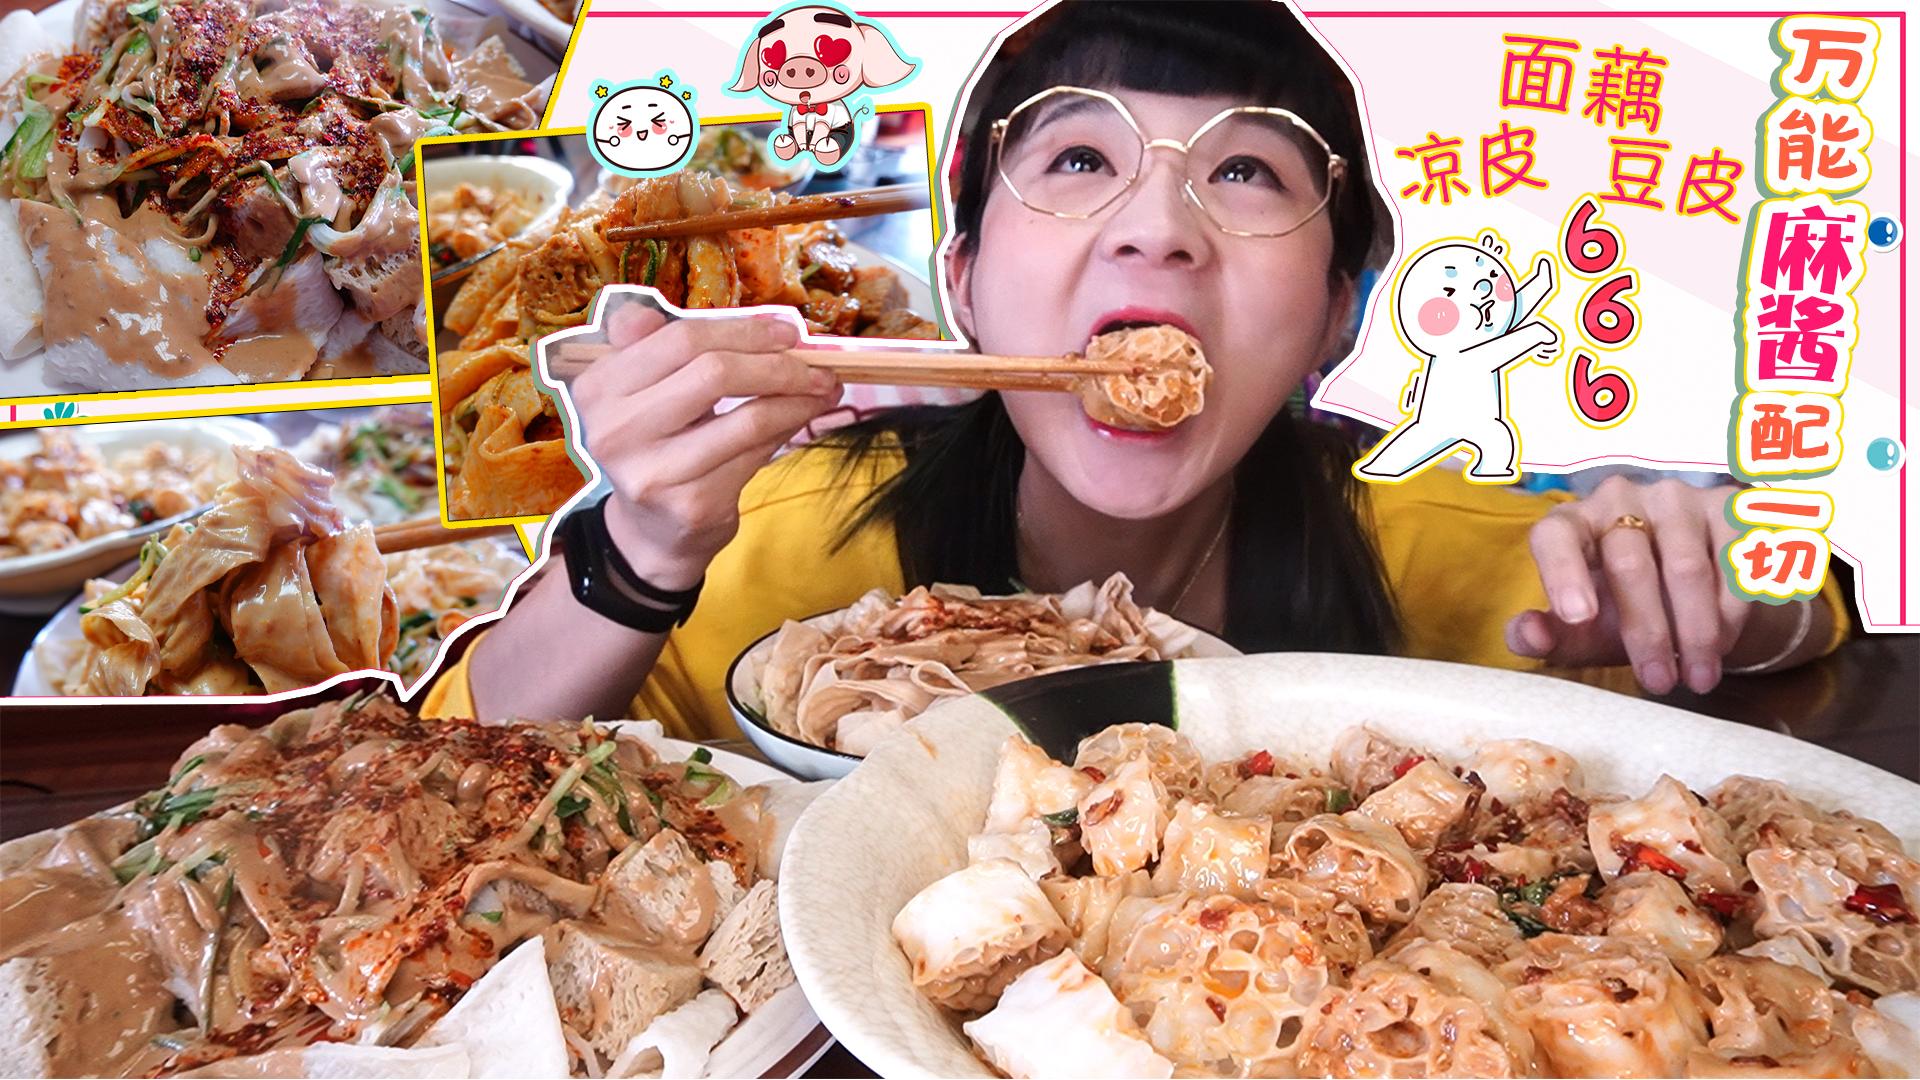 【小猪猪的vlog】万能麻酱第二弹!麻酱面藕、麻酱凉皮、麻酱豆皮